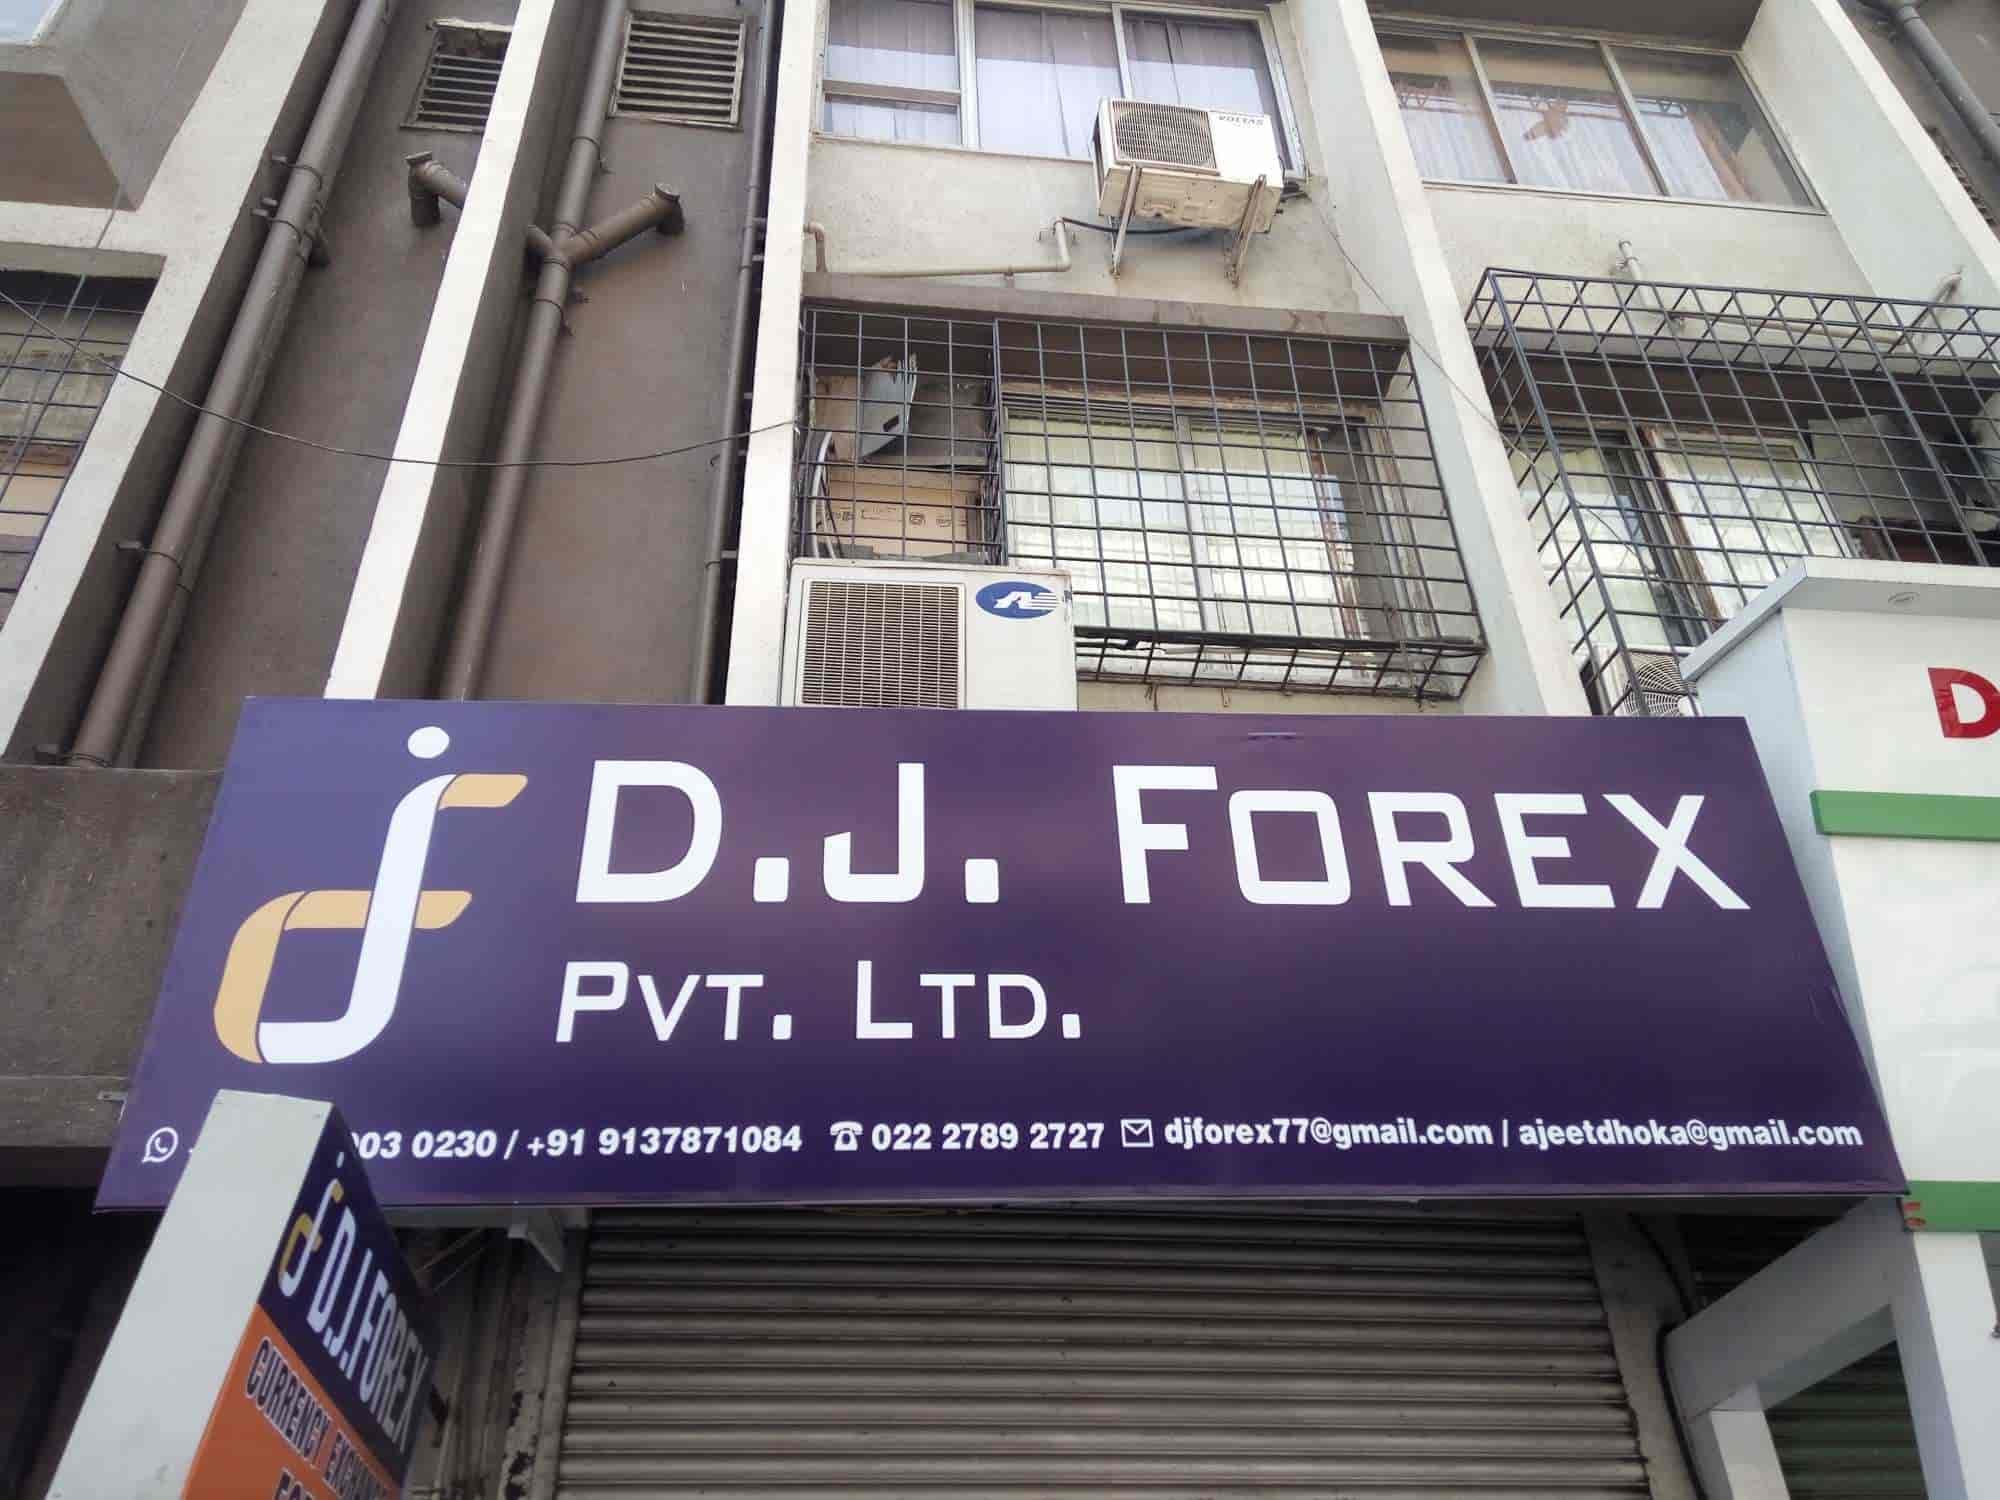 Dj forex форекс обсуждение отзывы